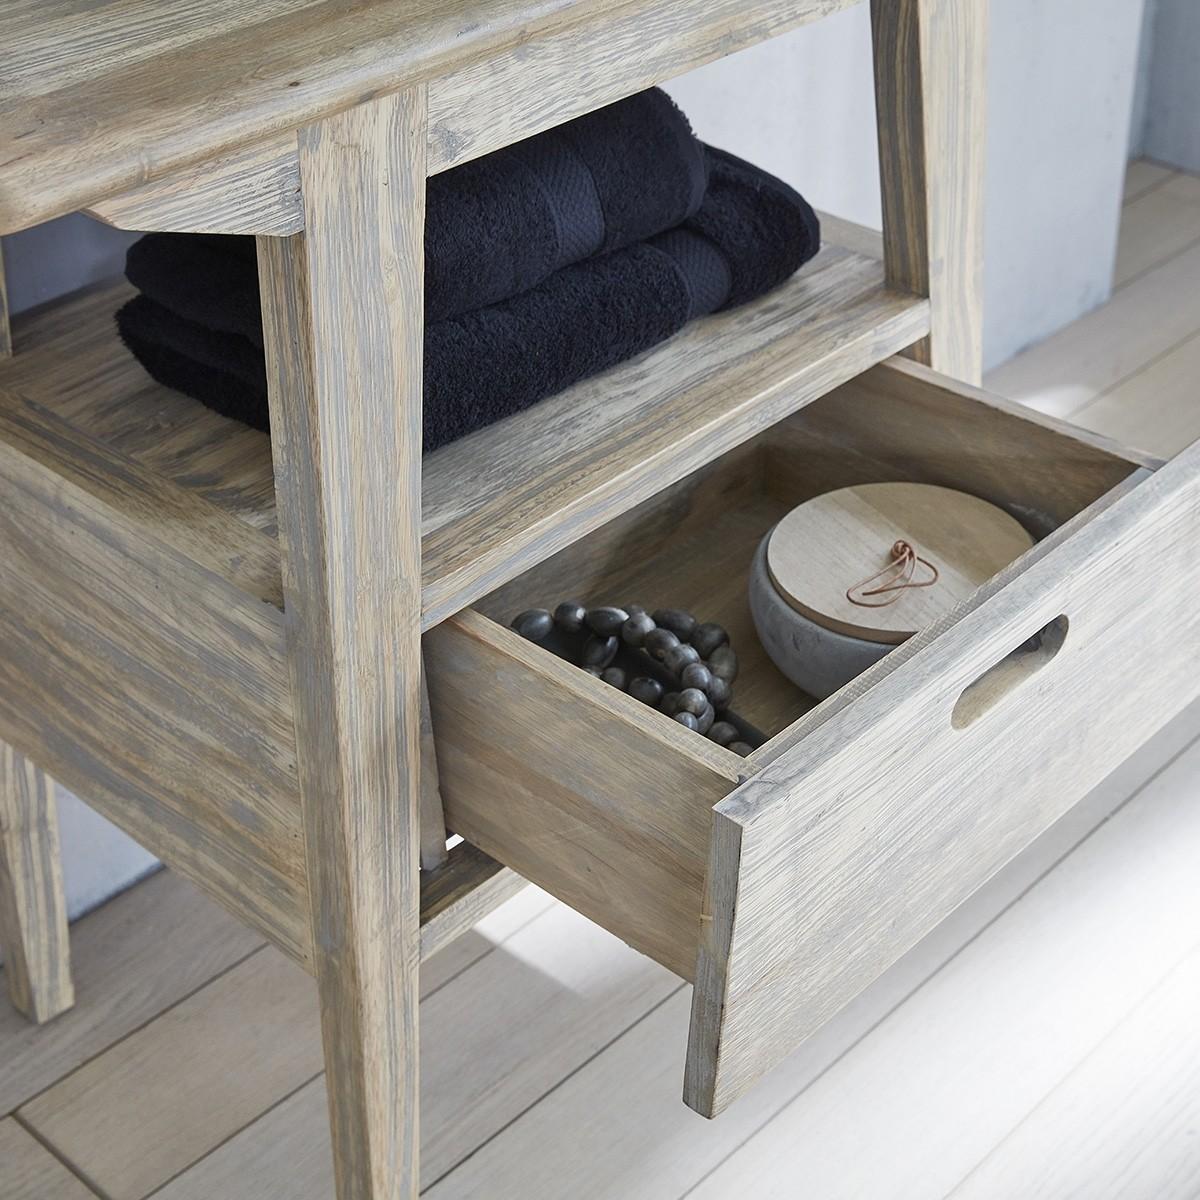 Meuble de salle de bain en bois d 39 h v a 70 bois dessus - Meuble salle de bain 70 cm largeur ...